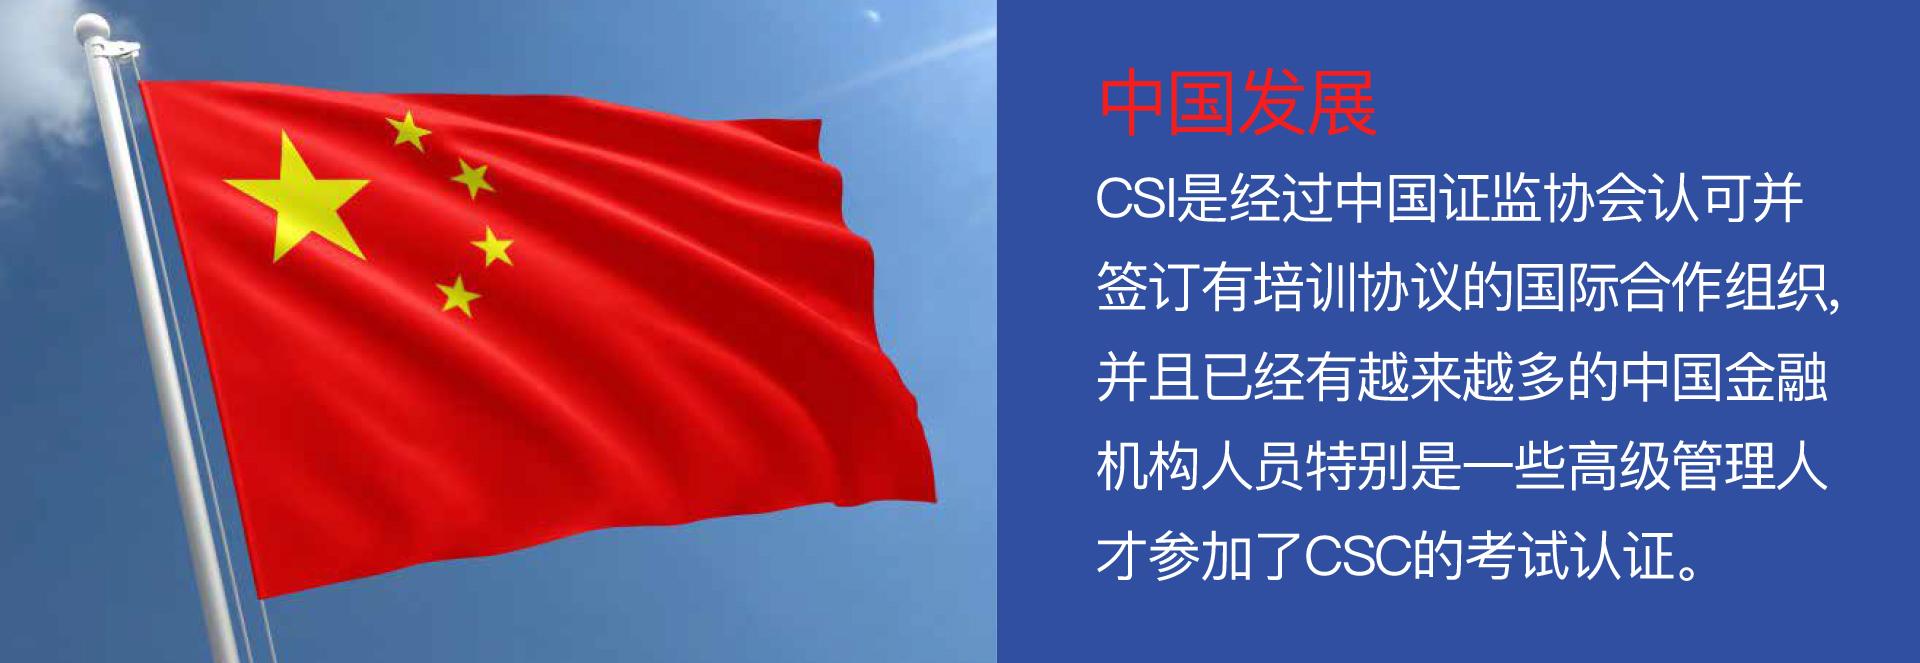 中国发展 - CSI是经过中国证监协会认可并签订有培训协议的国际合作组织,并且已经有越来越多的中国金融机构人员特别是一些高级管理人才参加了CSC的考试认证。